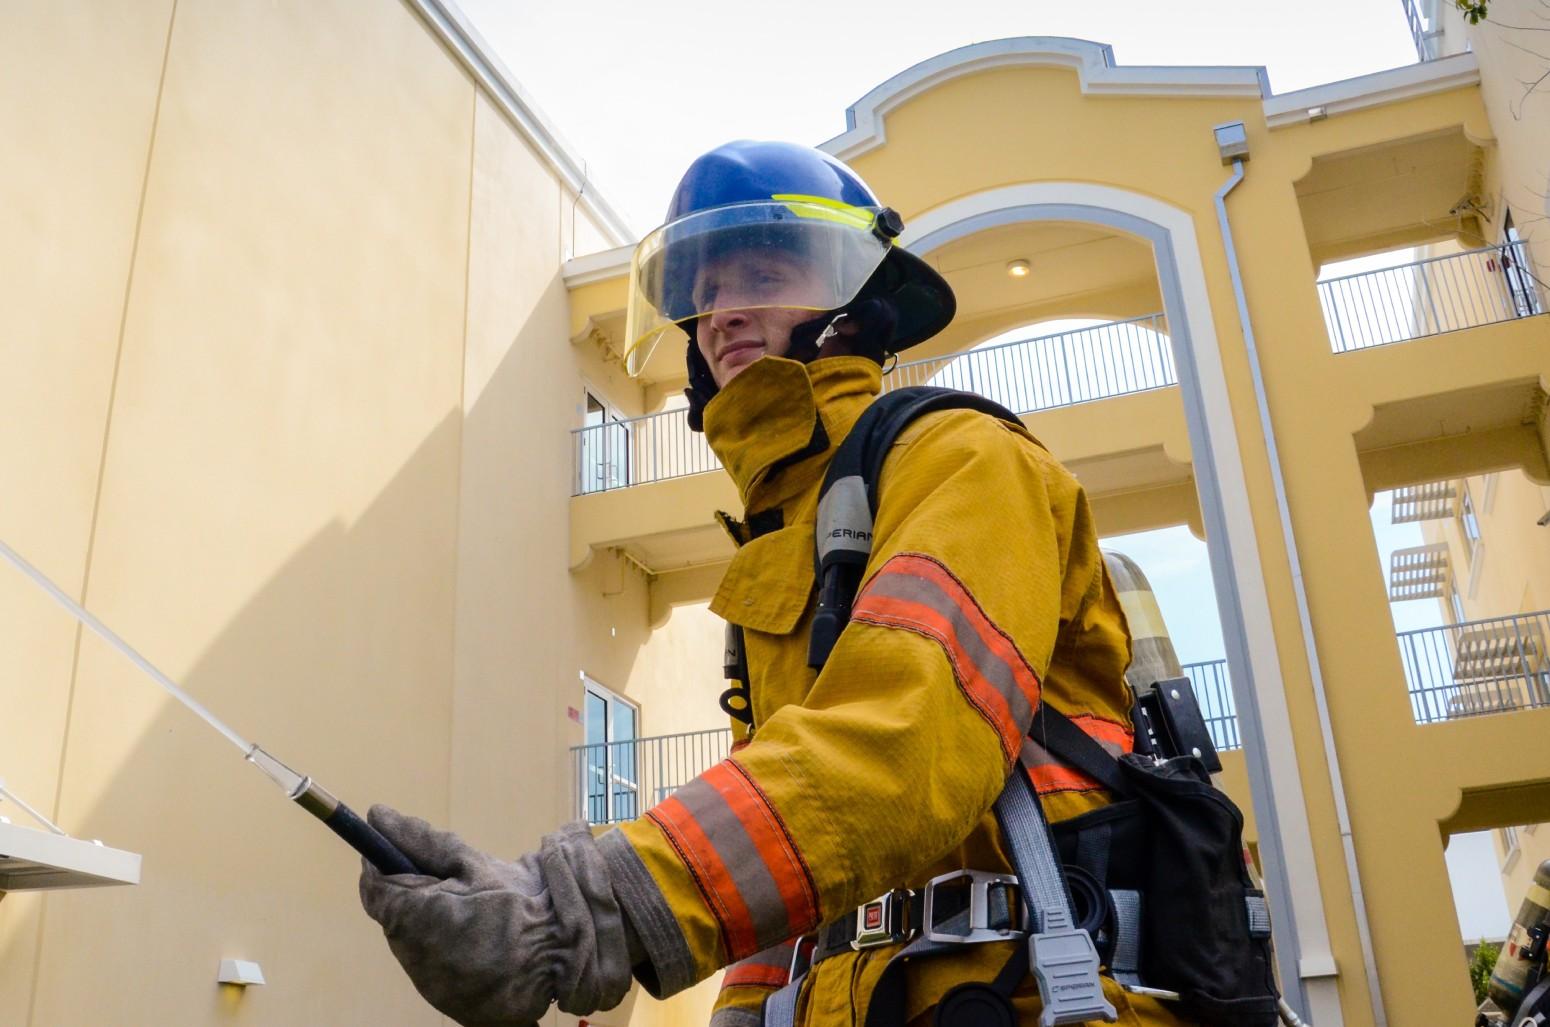 Strój strażaka w czasie akcji ratunkowej. O jakich jego elementach nie można zapomnieć?